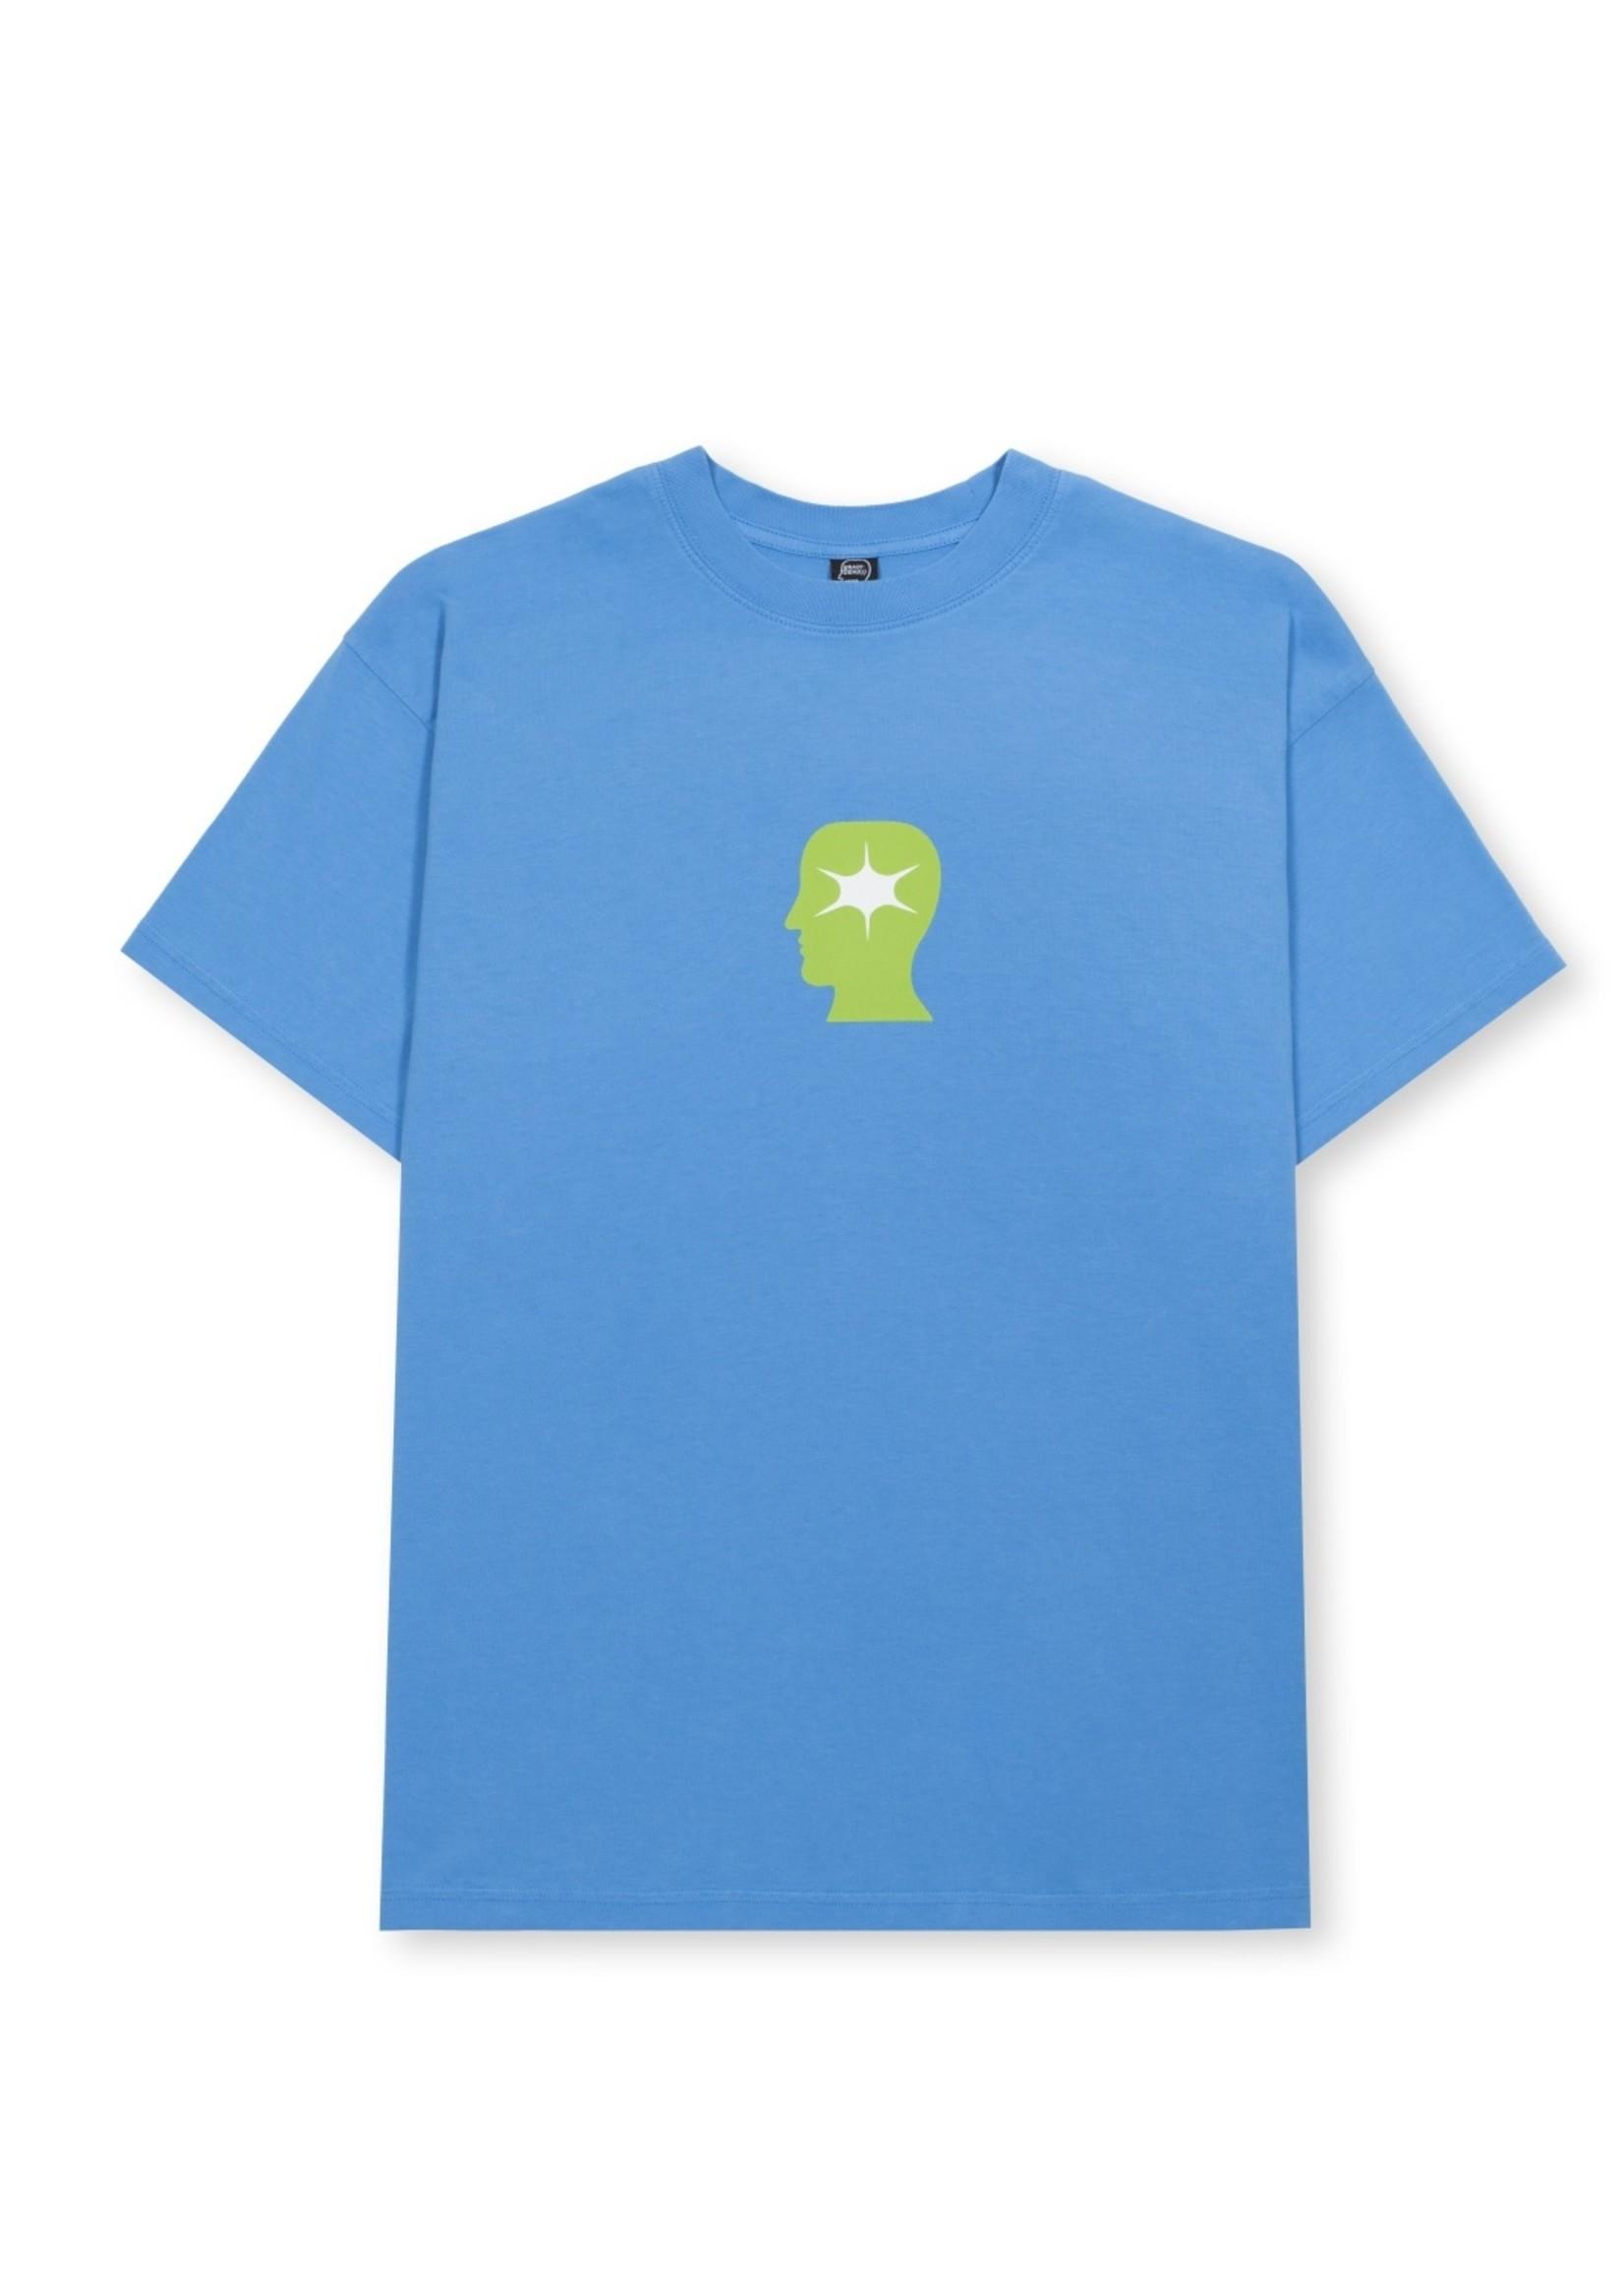 Brain Dead Wide Eye T-shirt in Blue